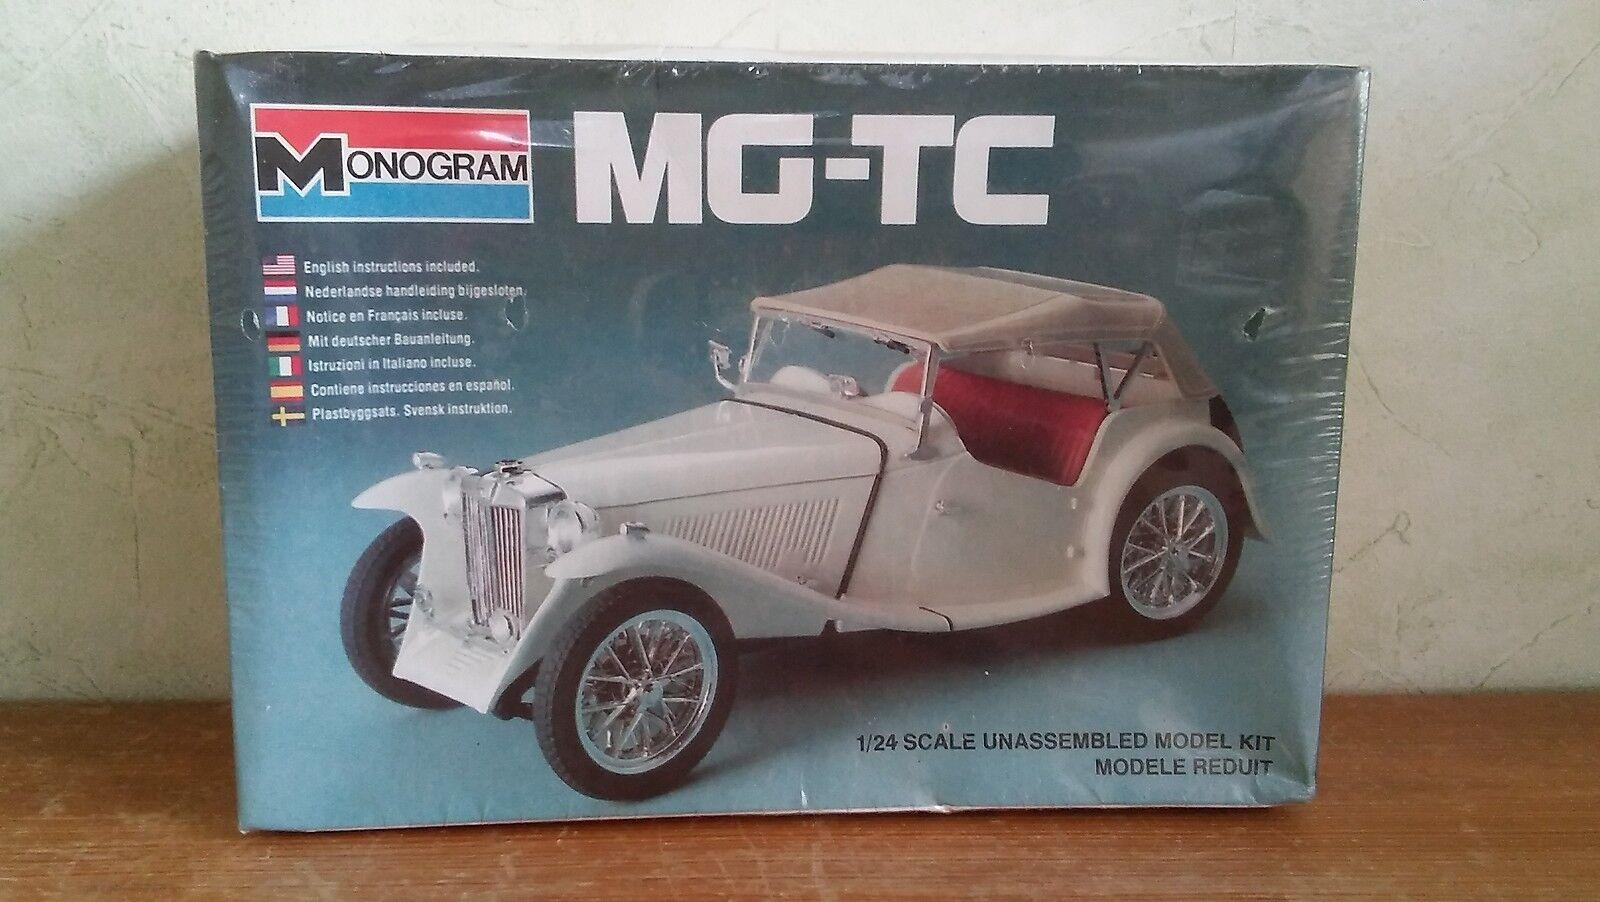 MONOGRAM Bausatz - MG-TC ungeöffnet in OVP - 1982